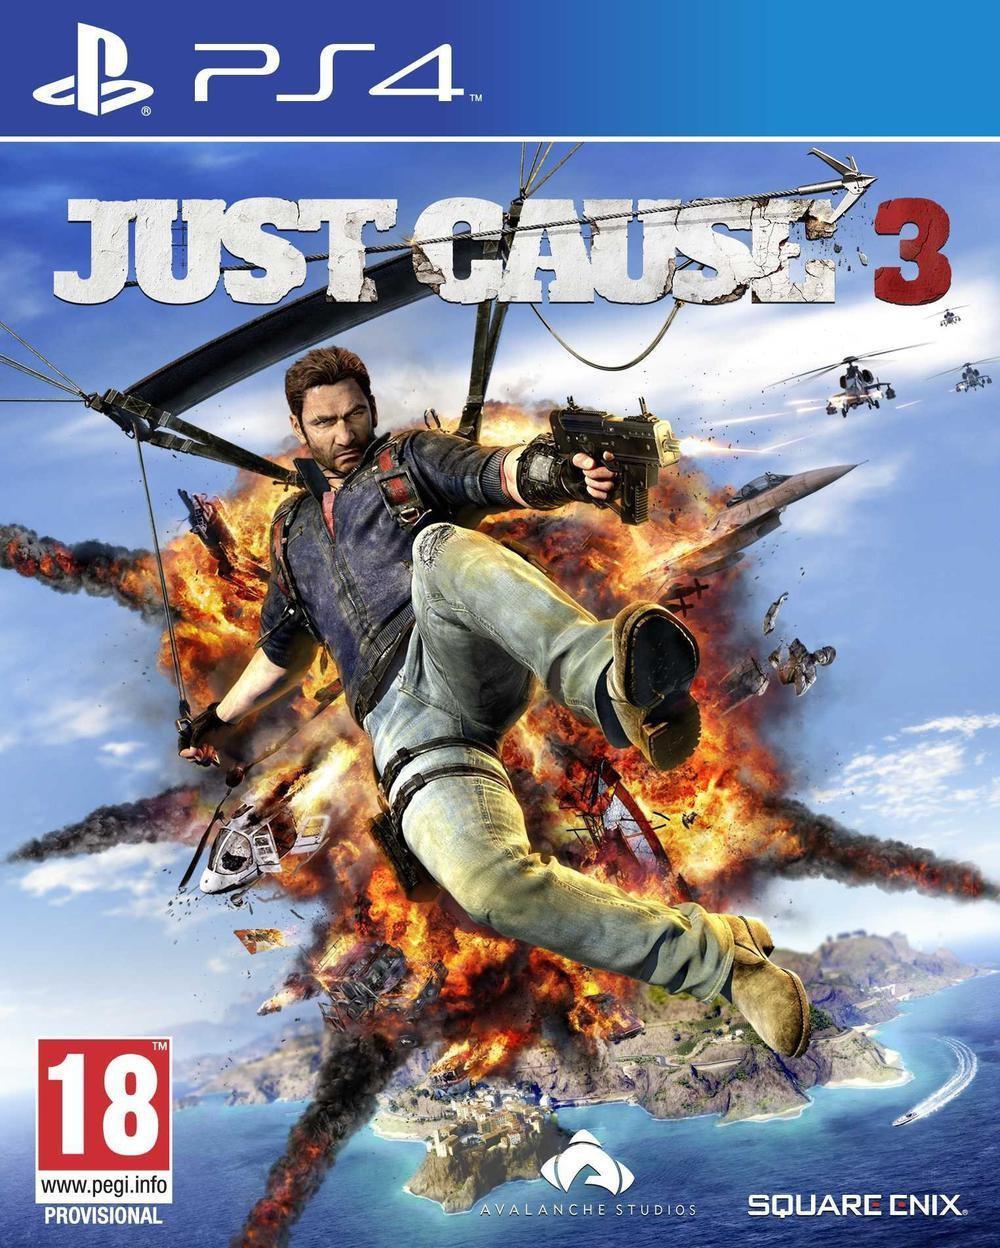 Précommande : Jeu Just Cause 3 sur PS4 et Xbox One